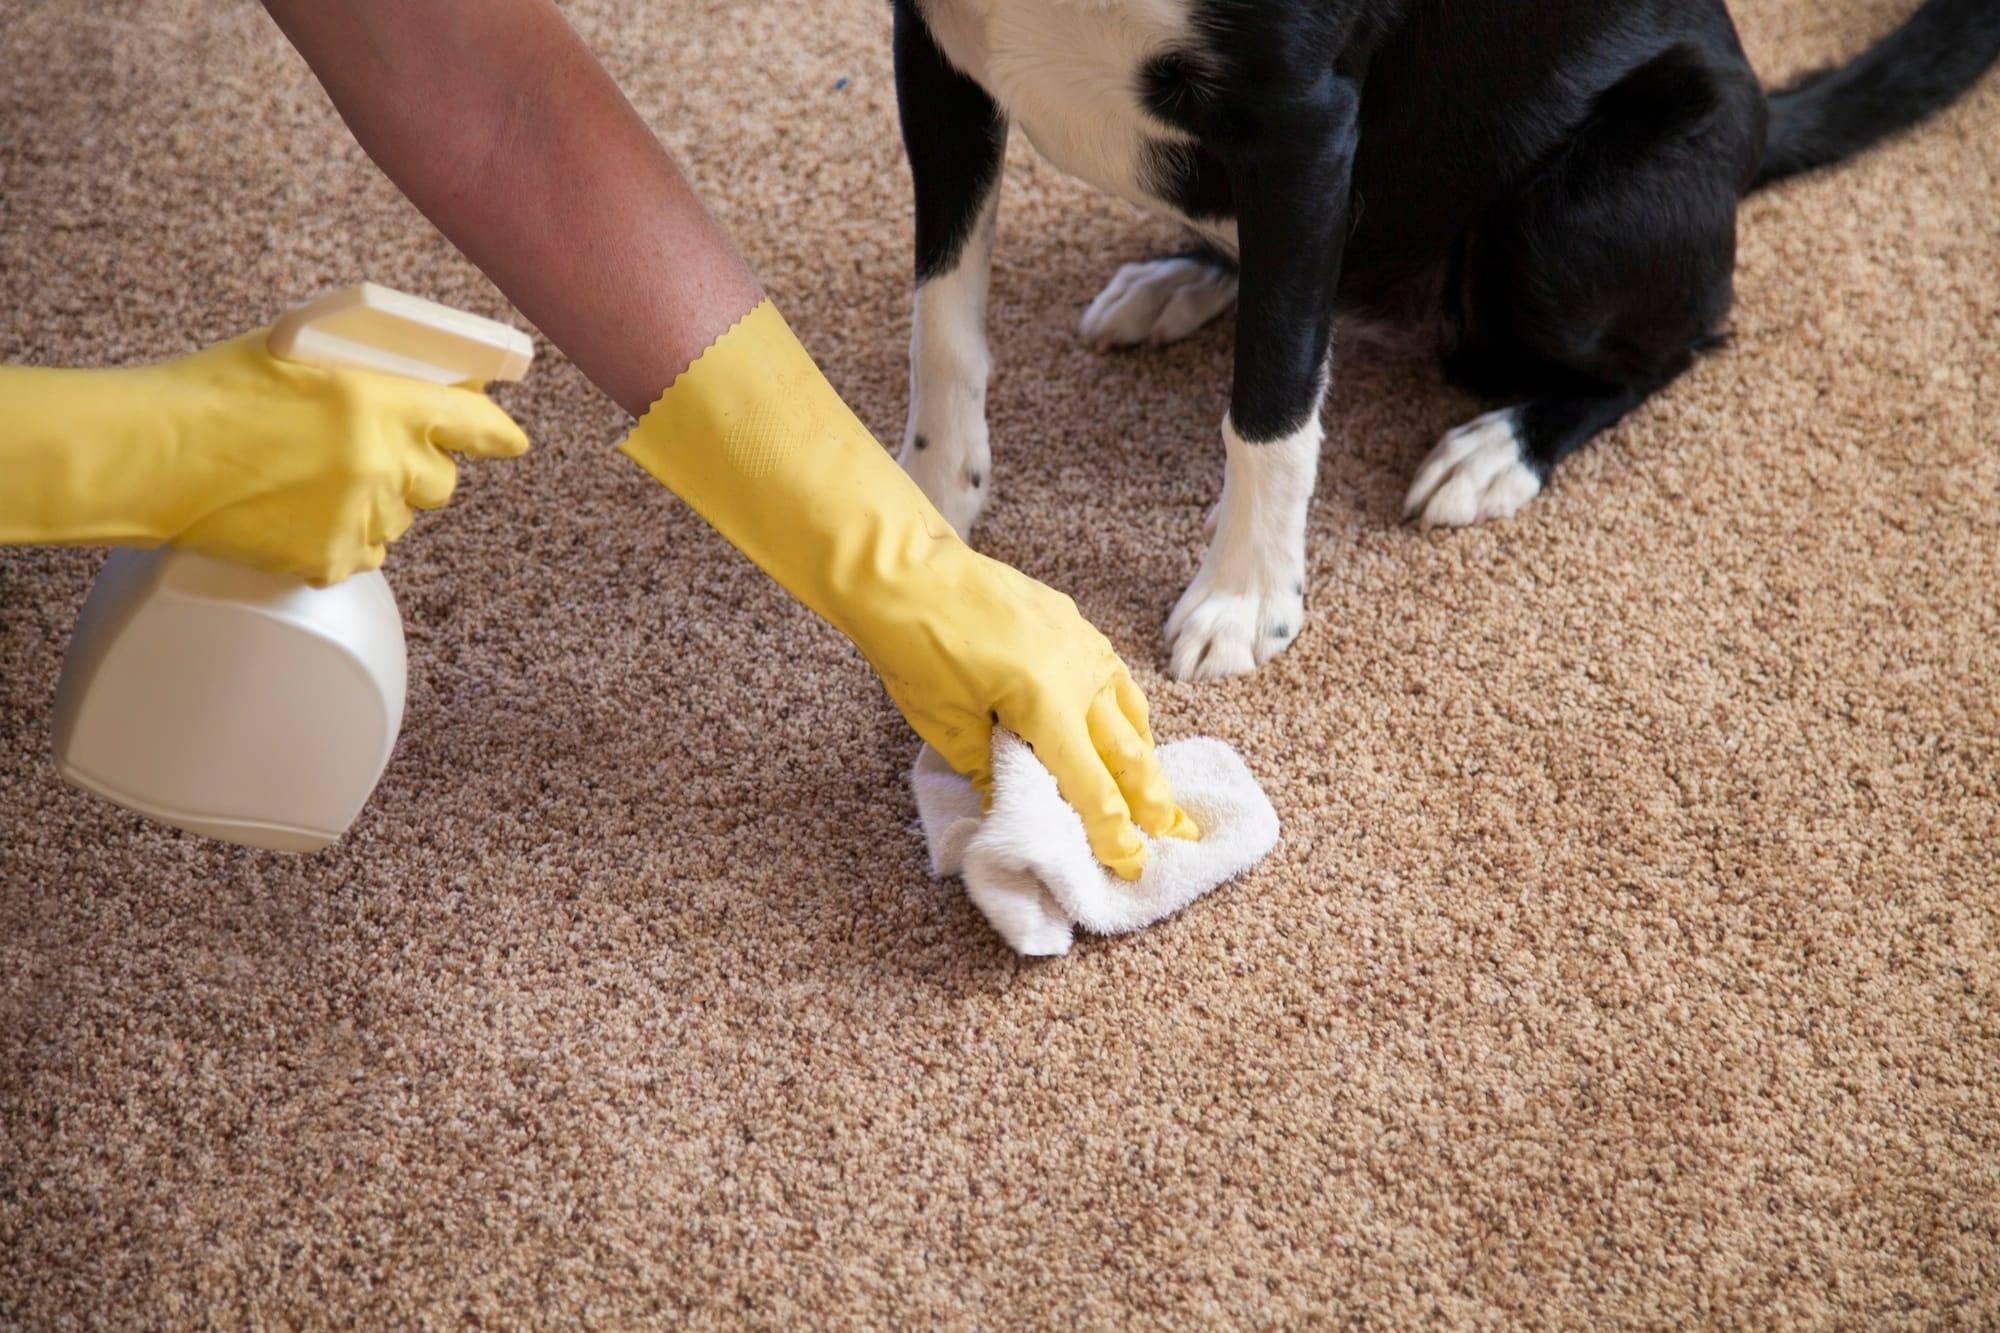 Как избавиться от шерсти кошки в квартире: советы любителям пушистиков